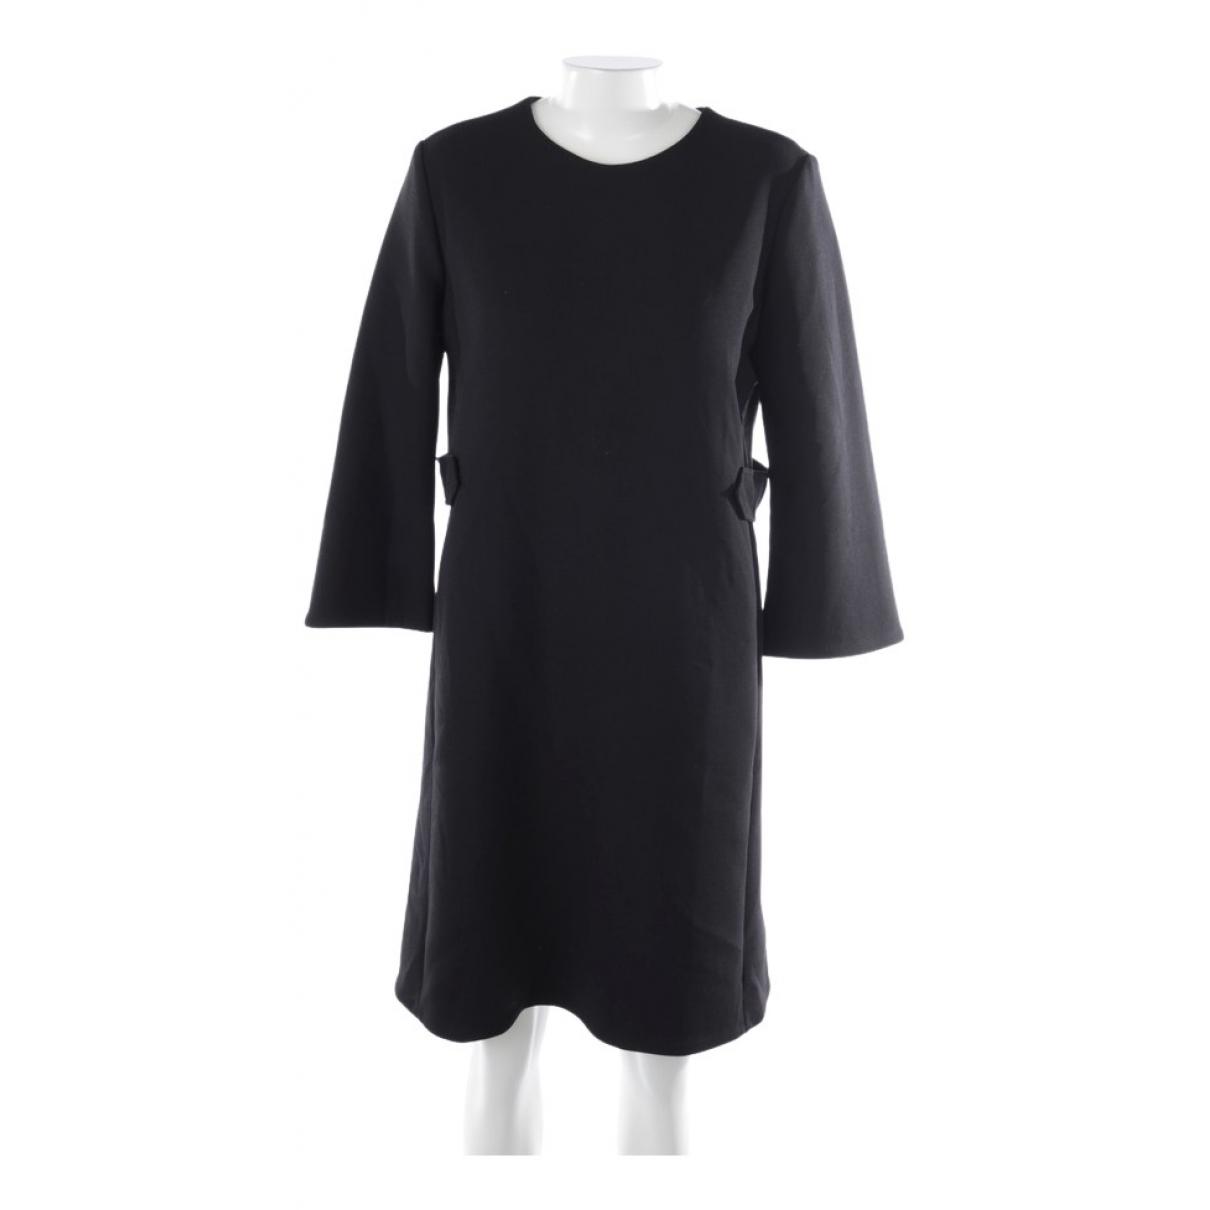 Dorothee Schumacher \N Kleid in  Schwarz Polyester